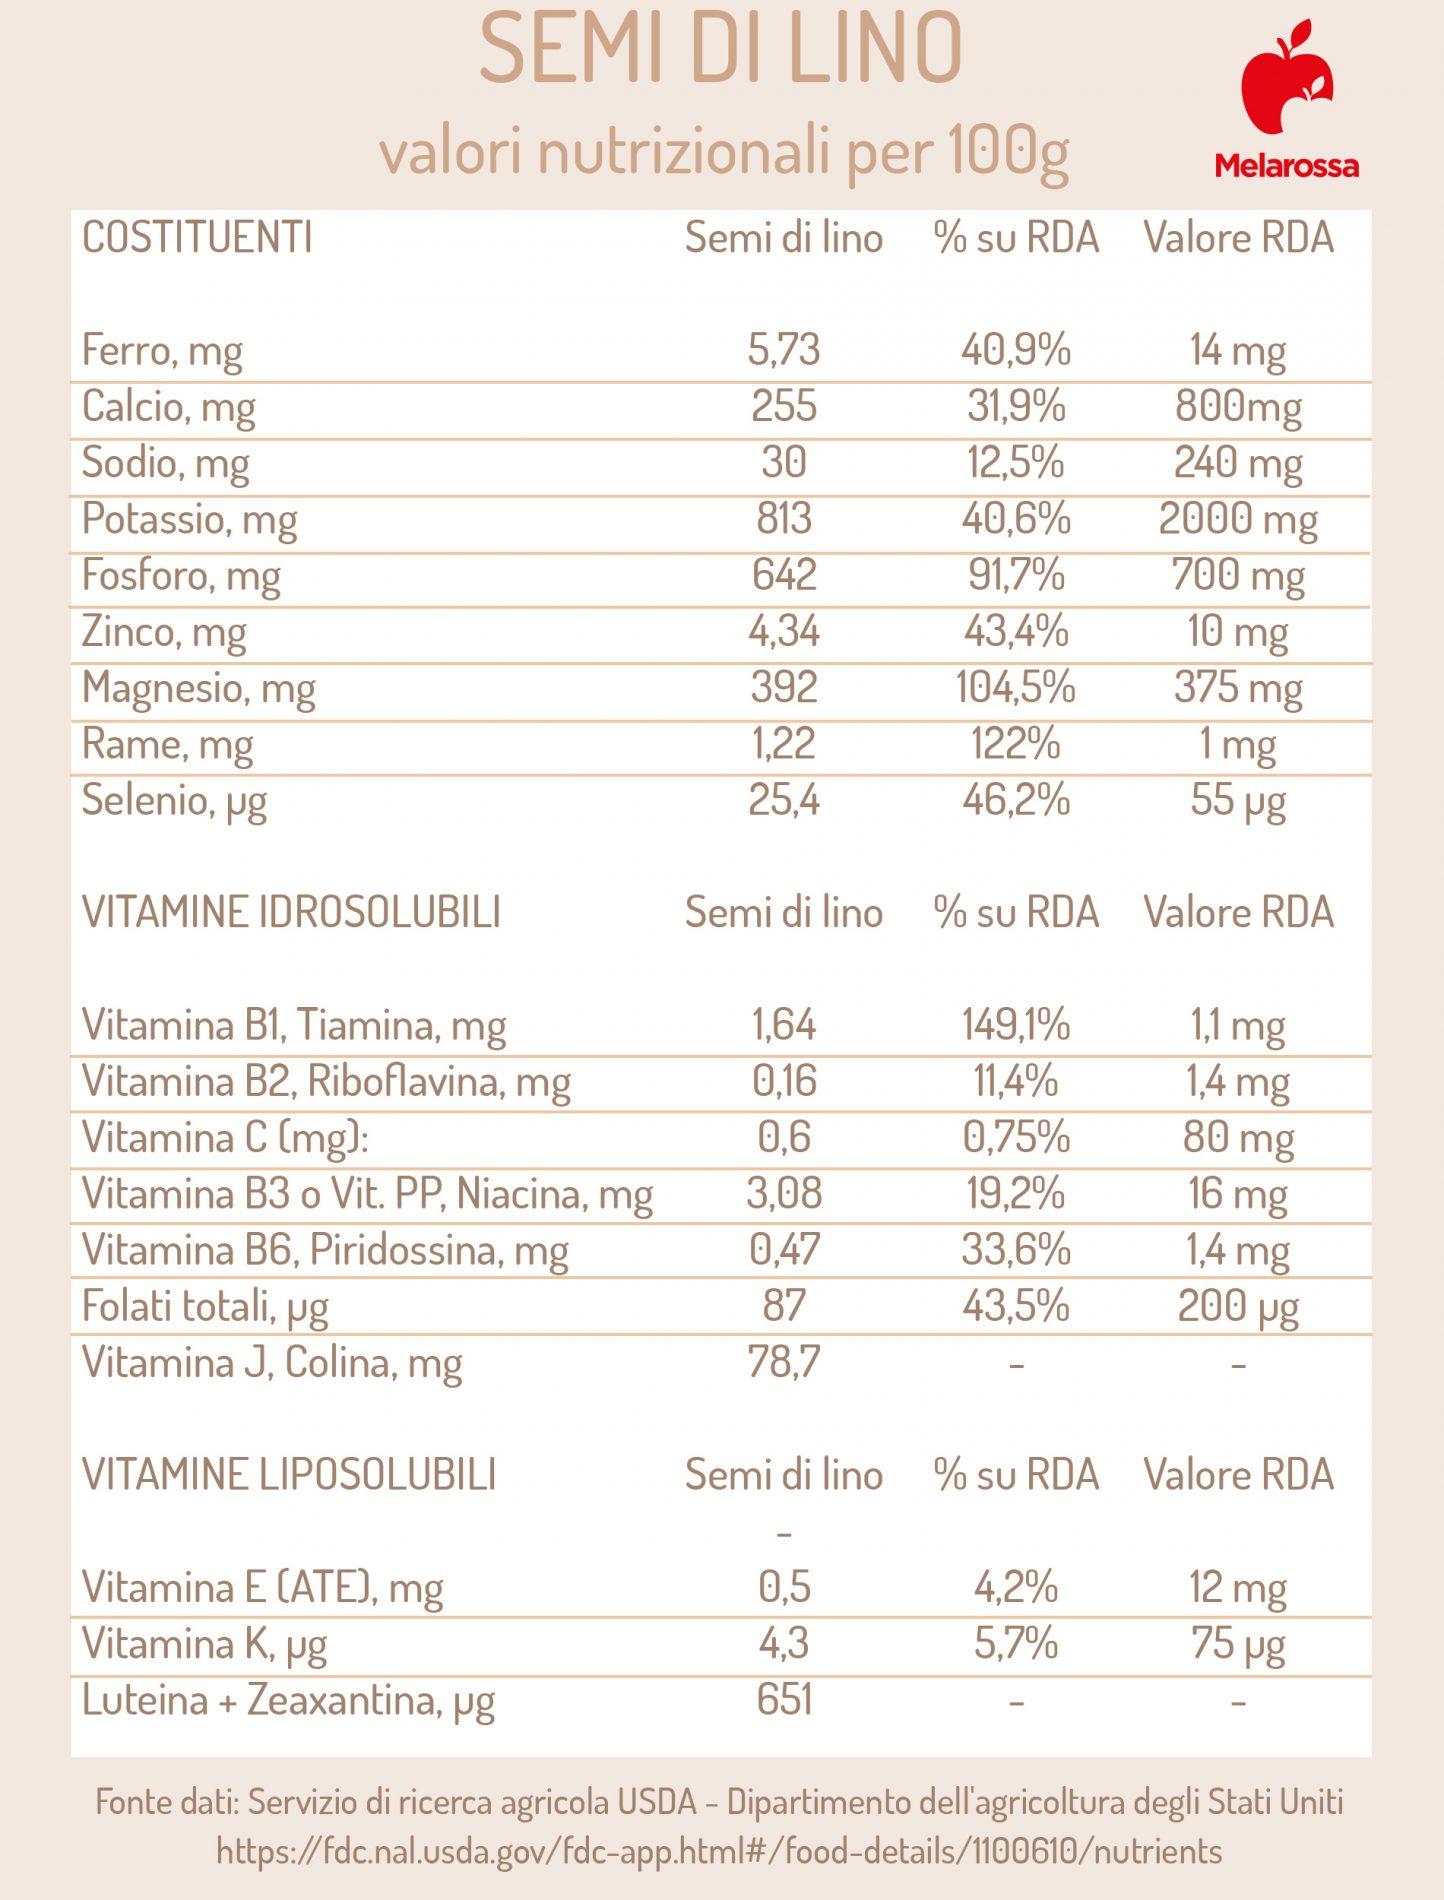 semi di lino: valori nutrizionali